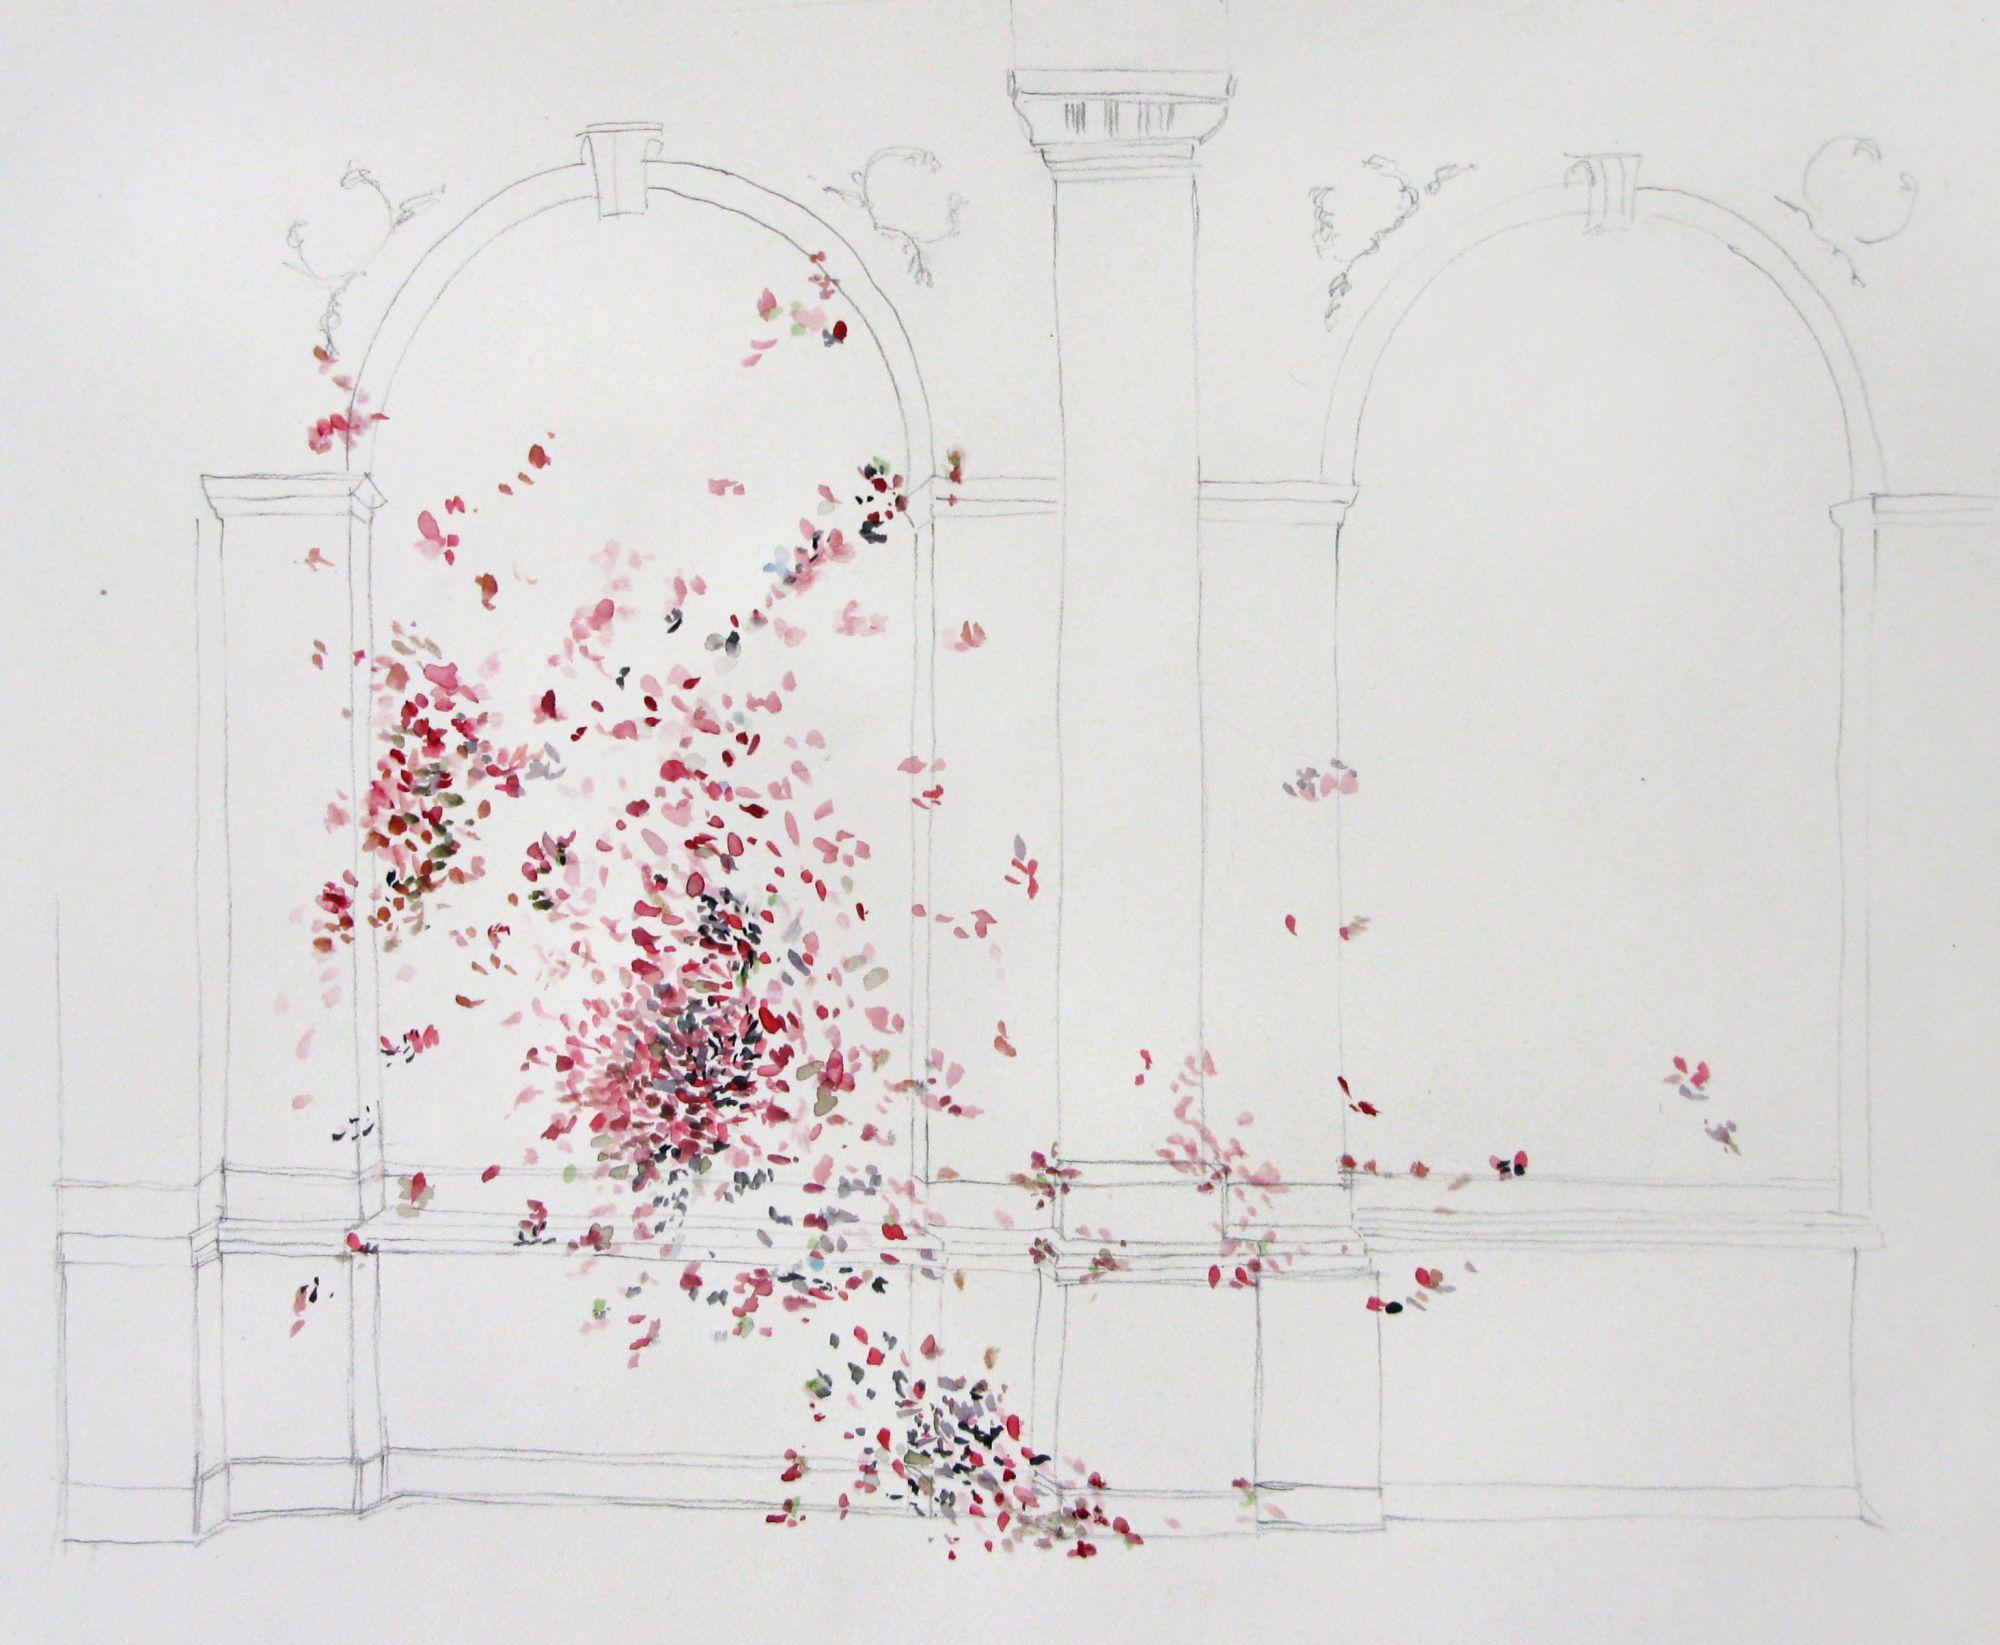 """""""Ogrody"""", Anna Panek, """"Zakwit"""", 2015, instalacja malarska, projekt pracy na wystawie (źródło: materiały prasowe)"""